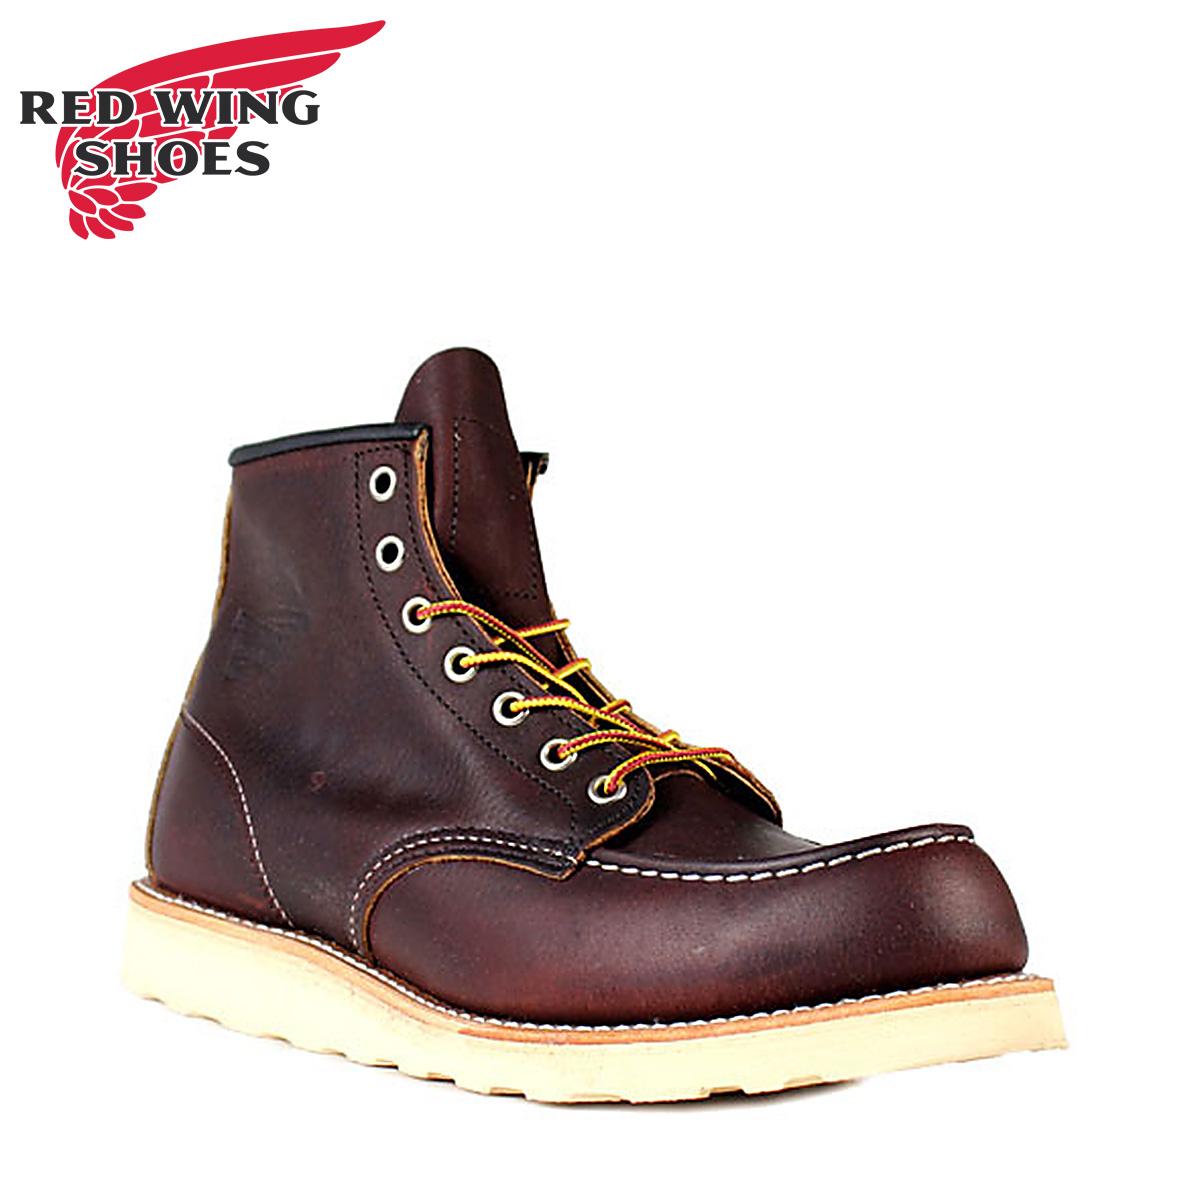 【最大2000円OFFクーポン】 レッドウィング RED WING ブーツ 6インチ クラシック モック 6INCH CLASSIC MOC Dワイズ 8138 メンズ レディース